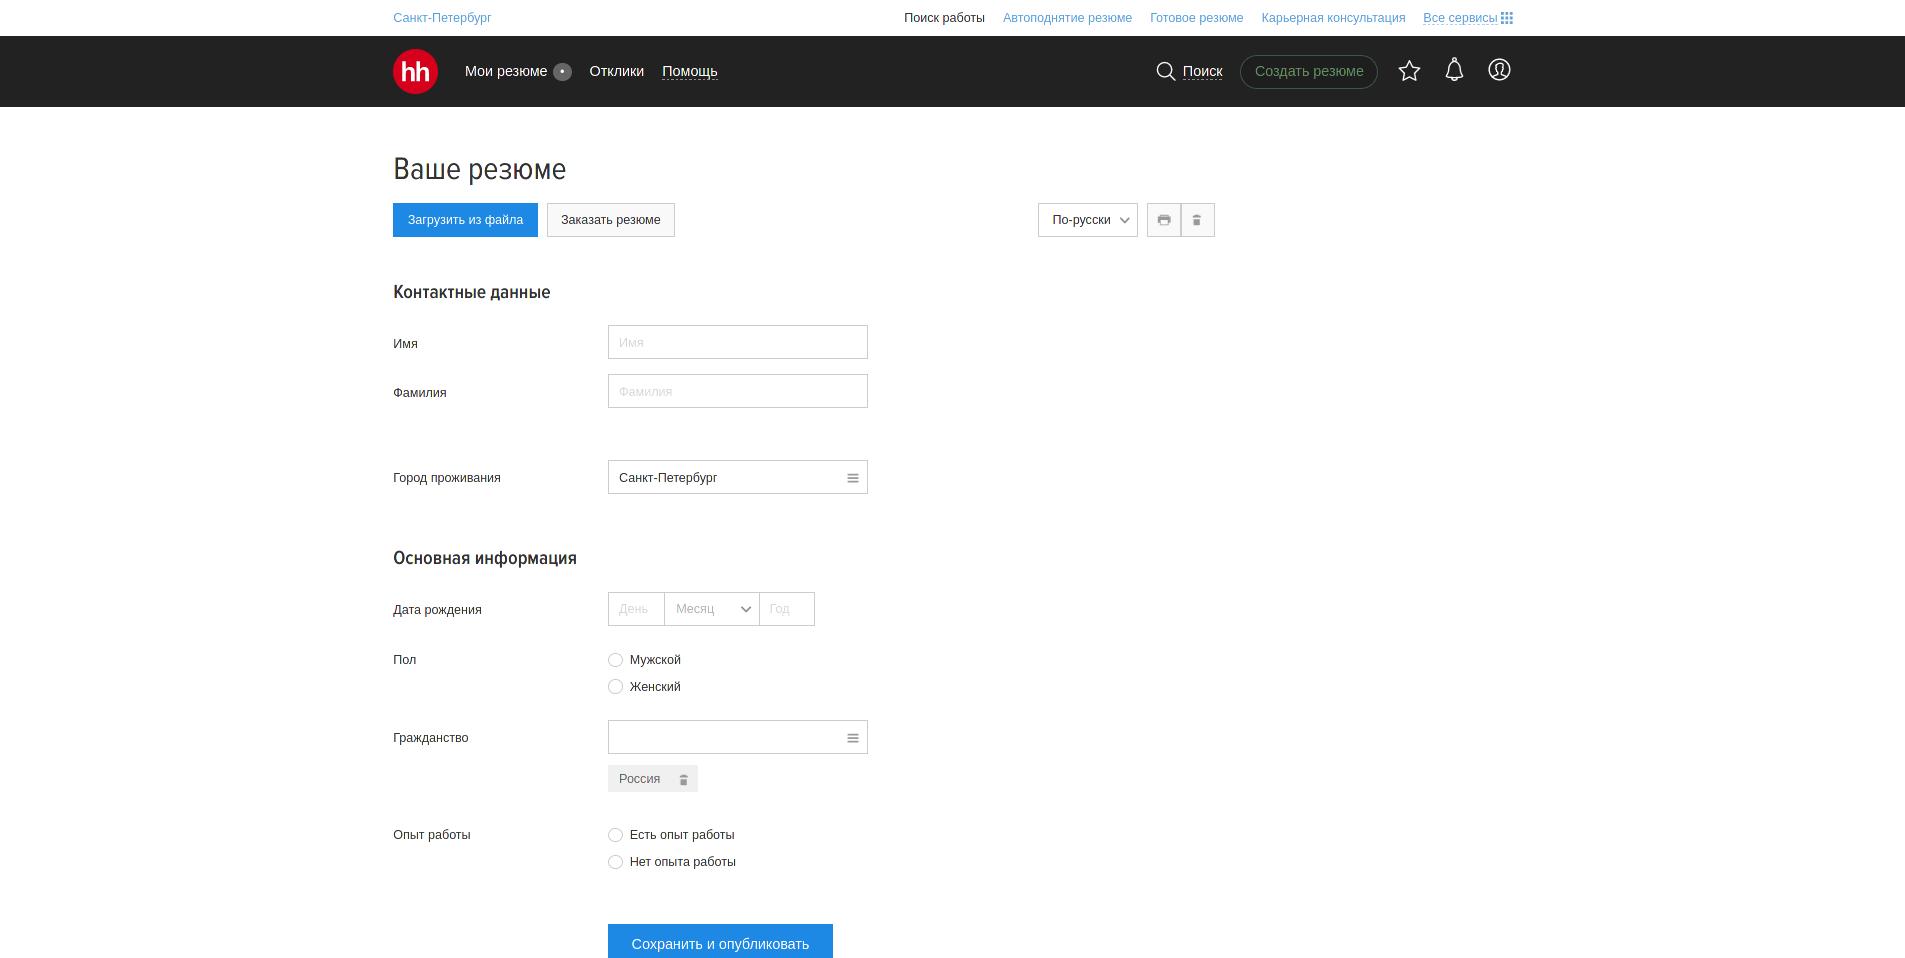 Screenshot_2021-03-05 Ваше резюме.png